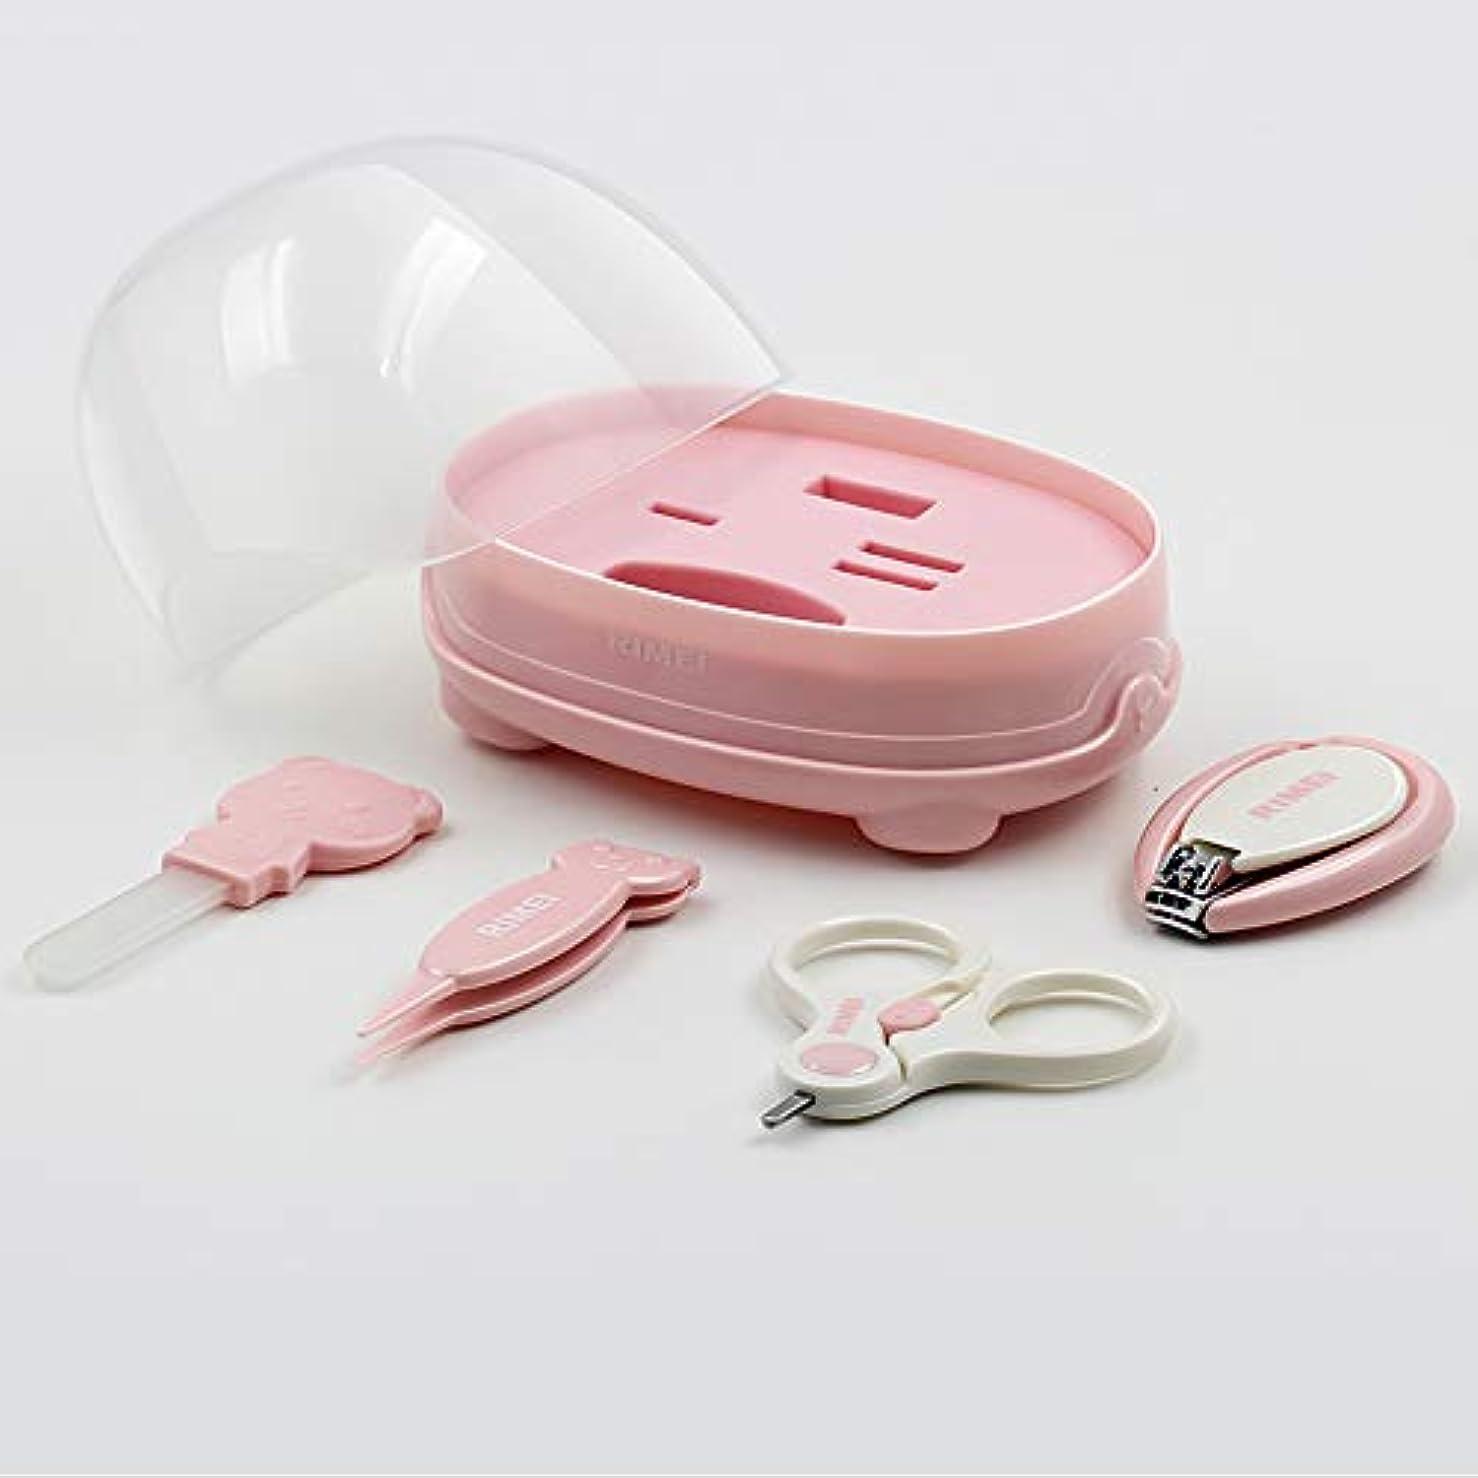 クルーズ学校教育体Jinda Rimeiの赤ん坊の爪切りセット、新生児の反かみ傷の釘のカッターセットの赤ん坊の幼児の特別な釘のはさみ,ピンク